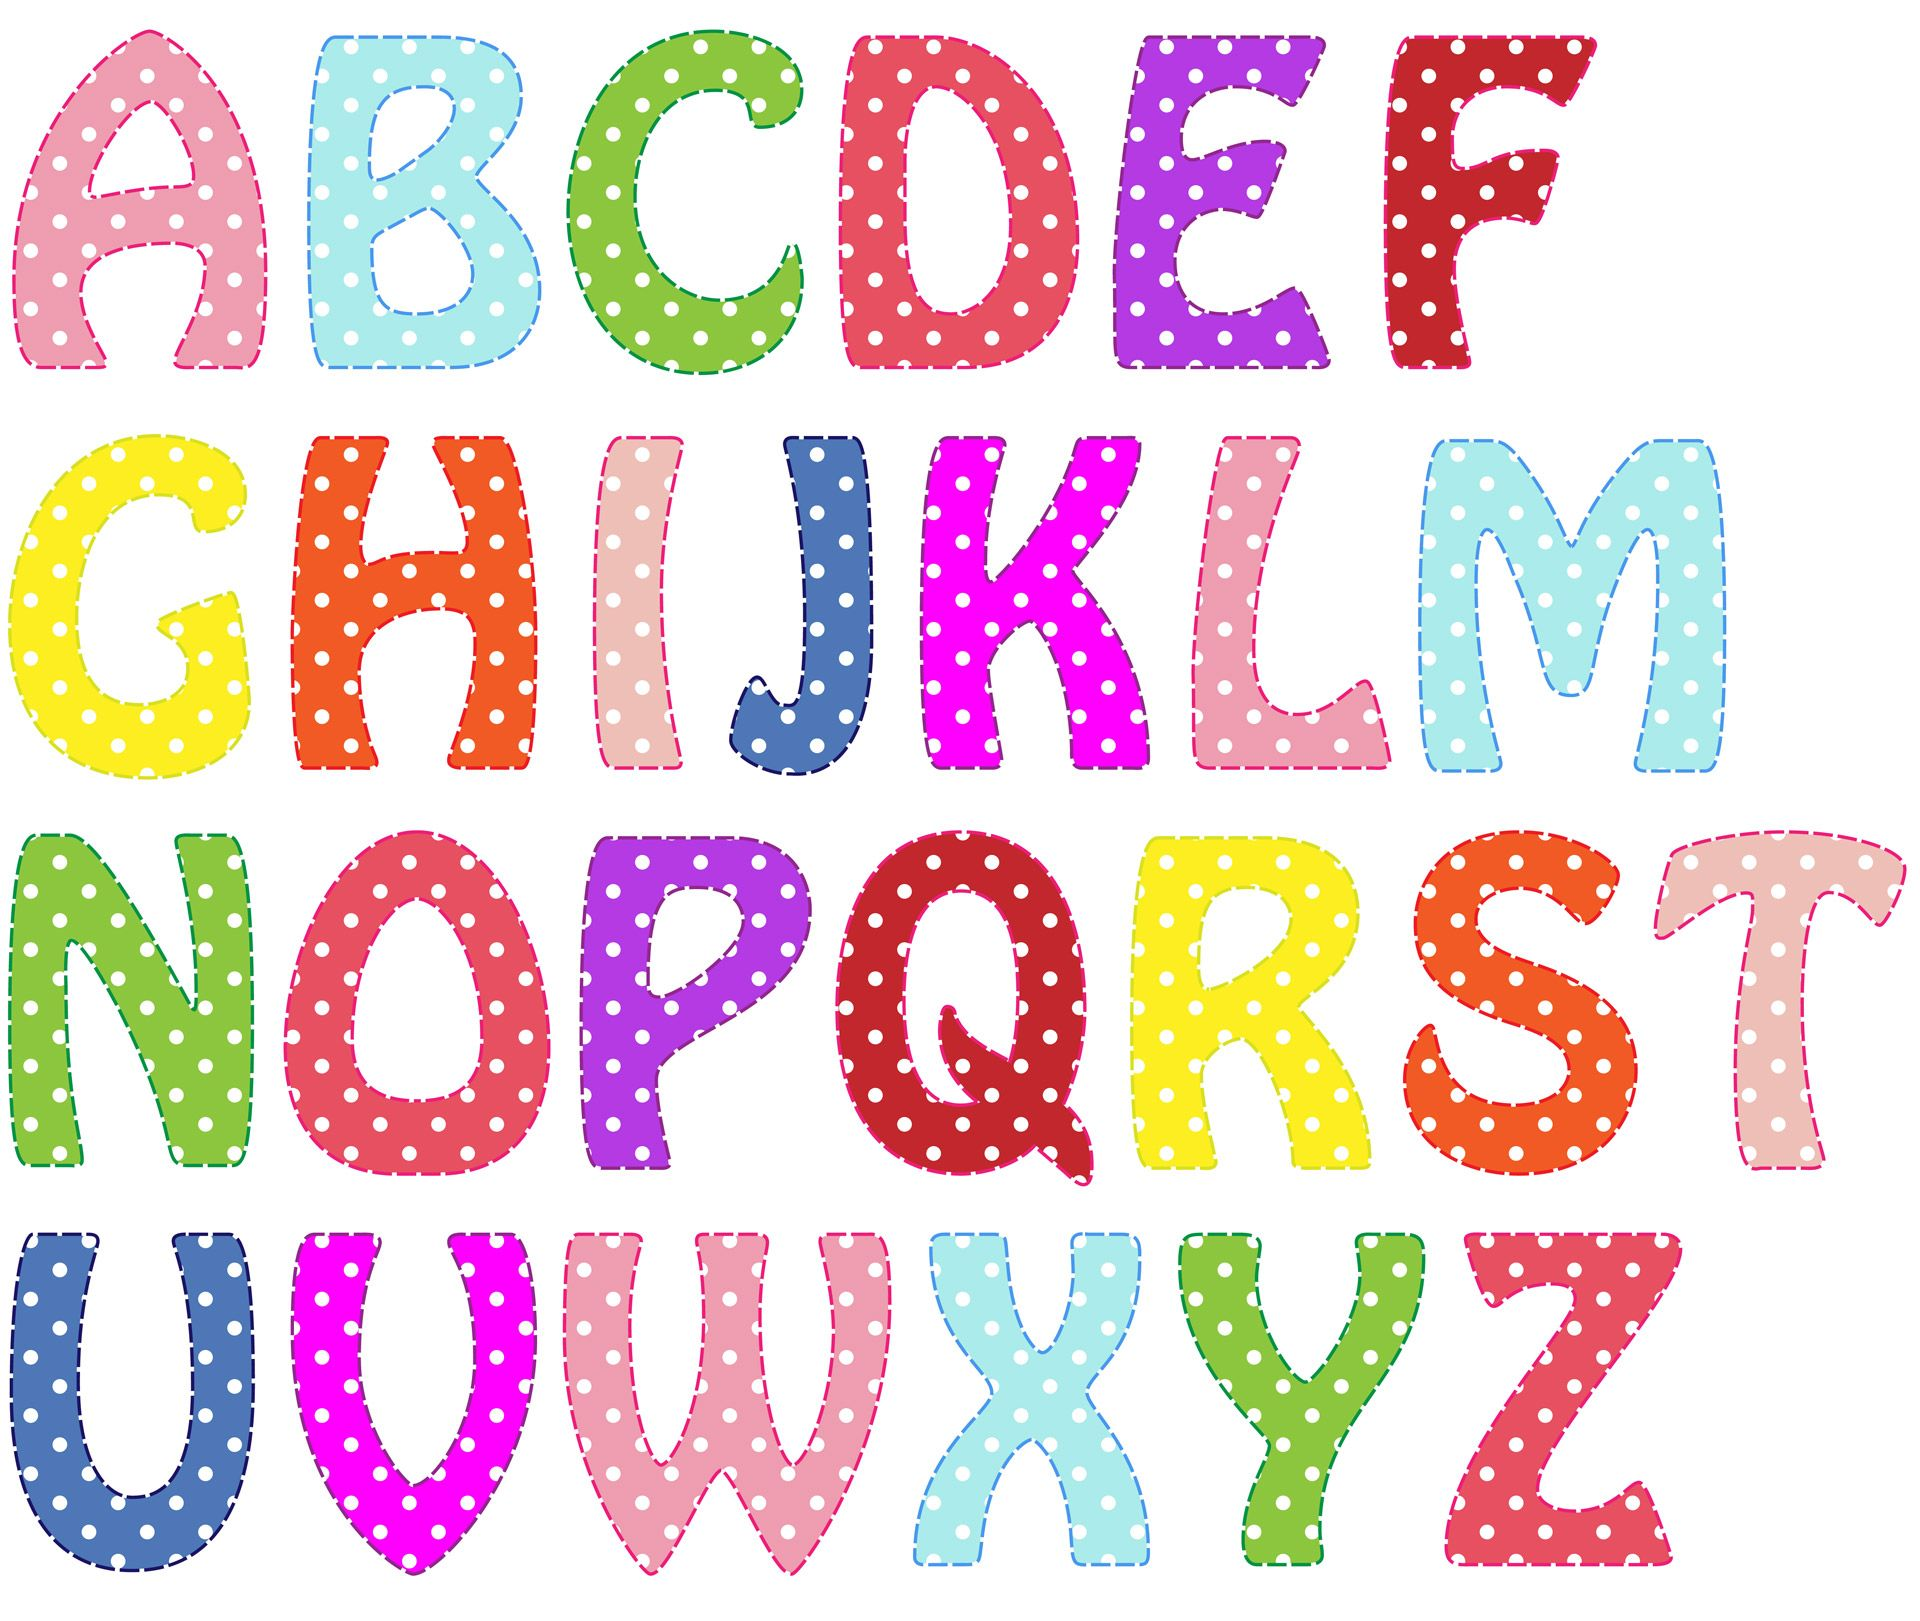 Alphabet Letters Bright Colors | ABC\'s | Pinterest | Alphabet ...